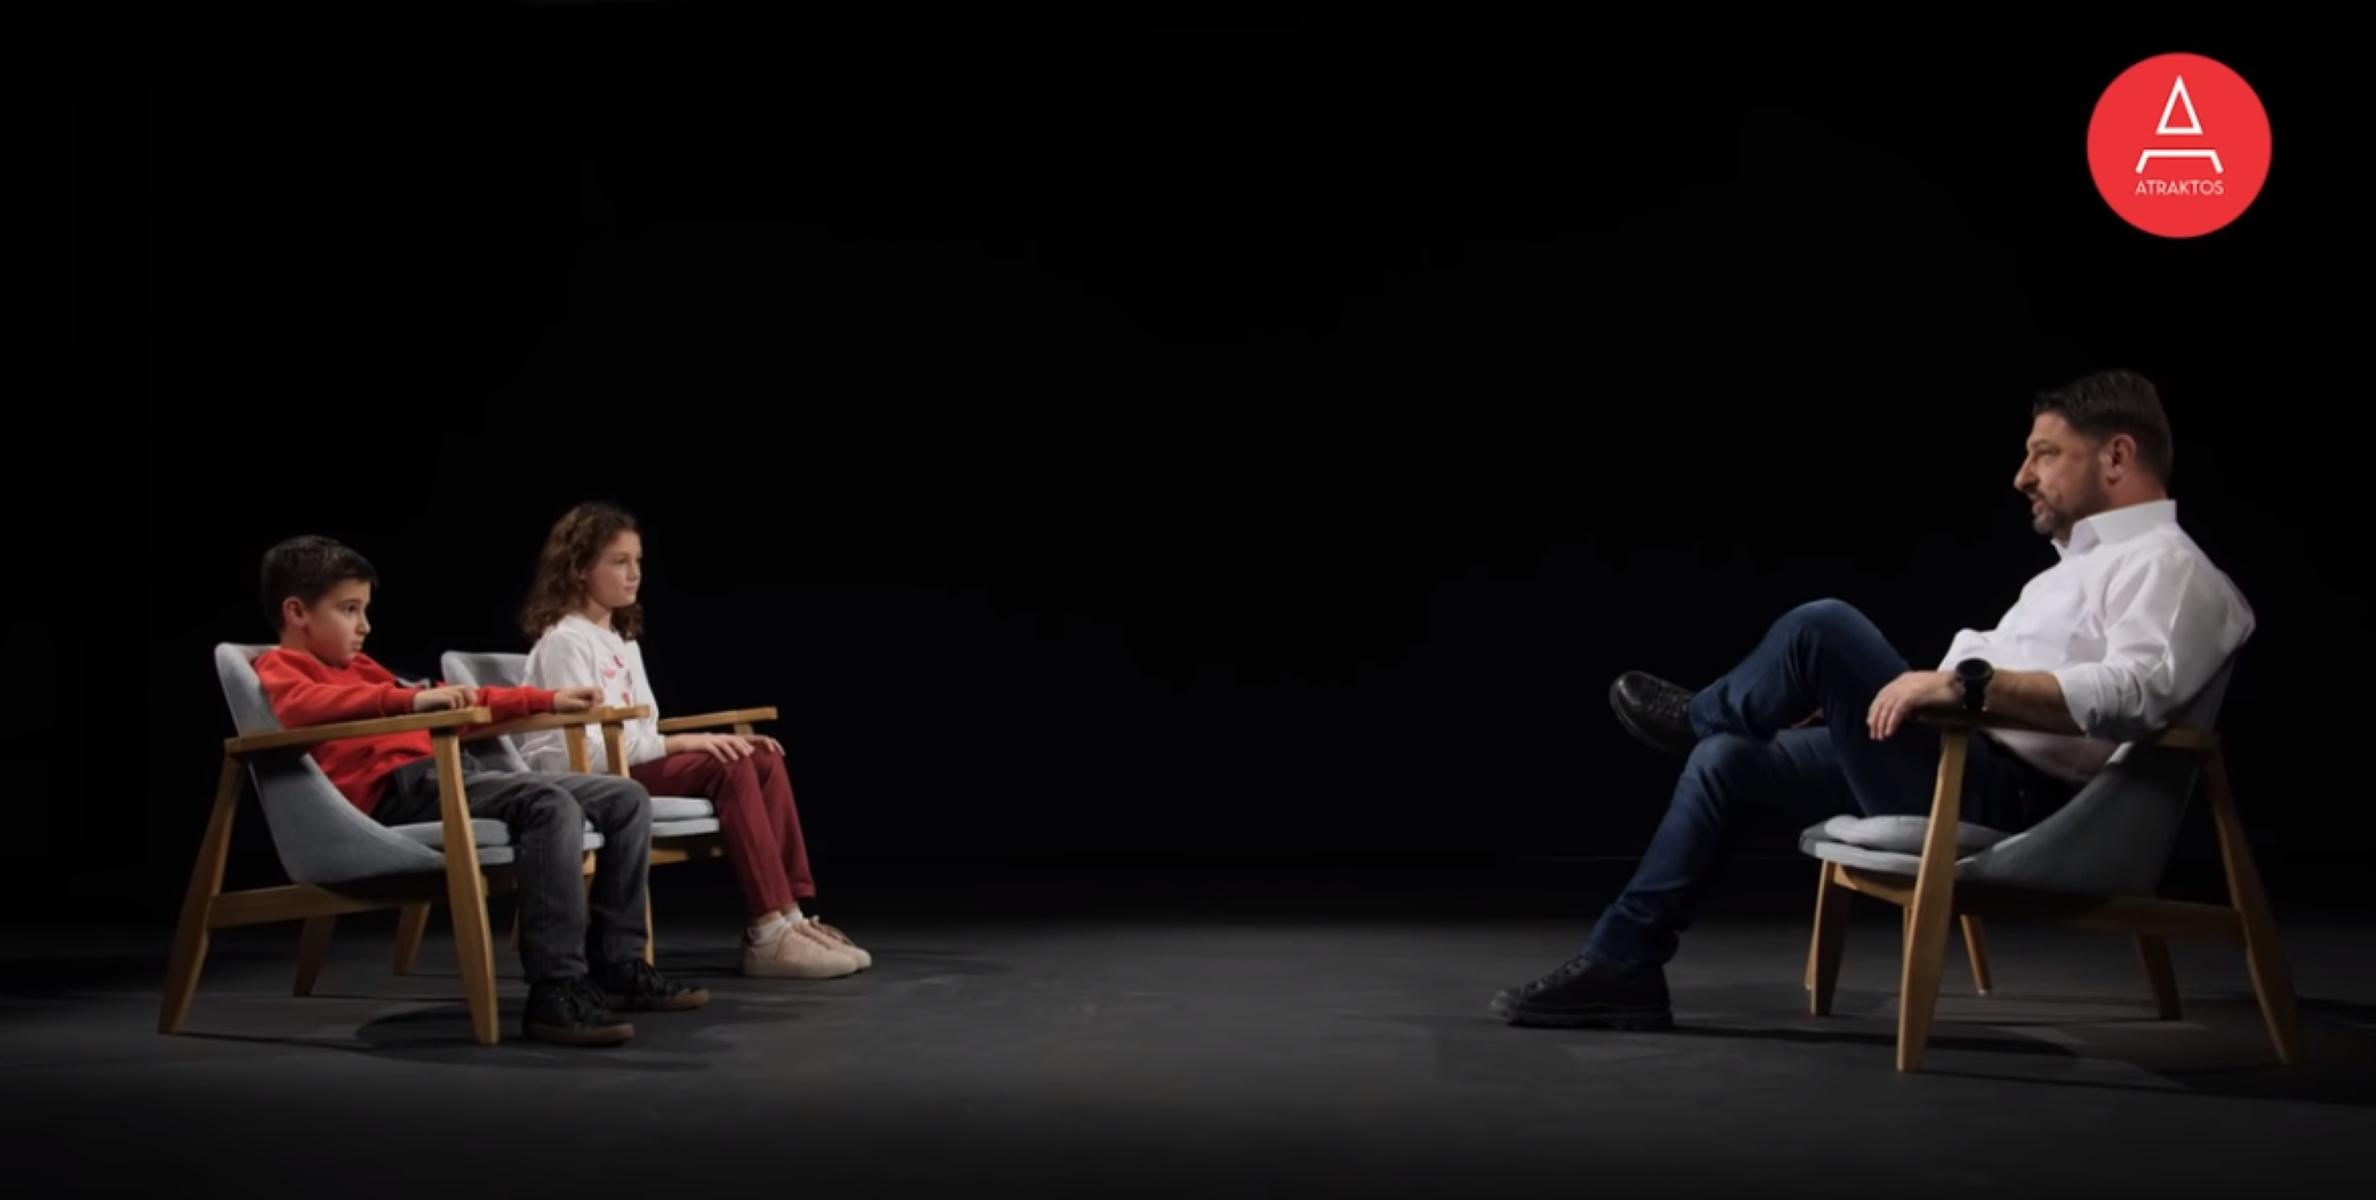 Ο Χαρδαλιάς ενώπιων μικρών «δημοσιογράφων»: Η φιλία με Τσιόδρα και τα όνειρα με τον κορονοϊό (video)